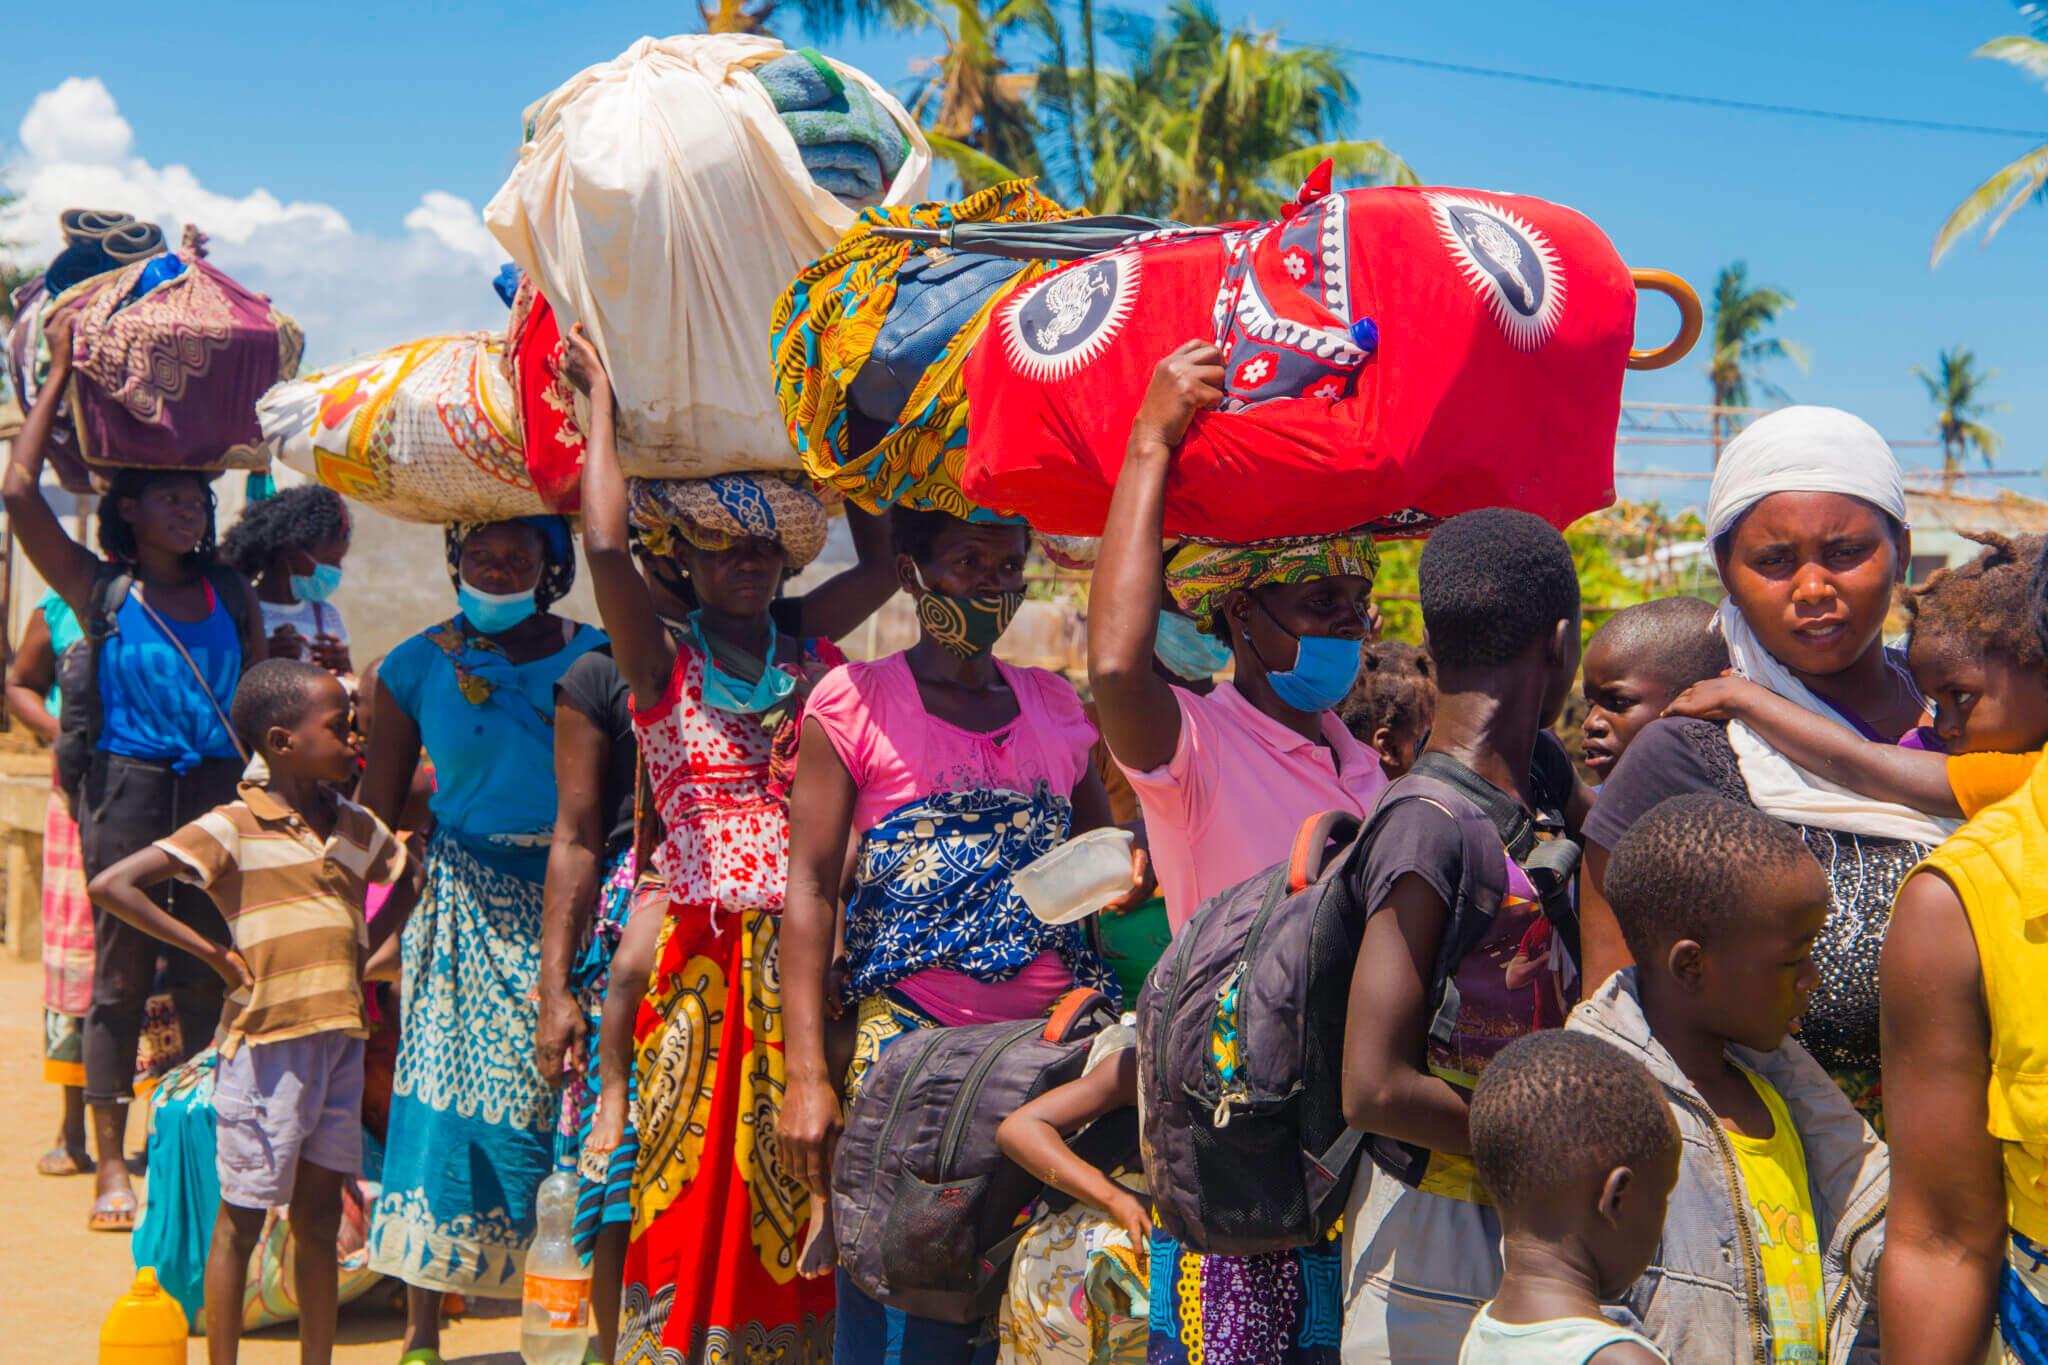 Mosambik wurde innerhalb von zwei Jahren von vier Zyklonen heimgesucht und hat die Existenz zahlreicher Menschen zerstört. © Mango Sound